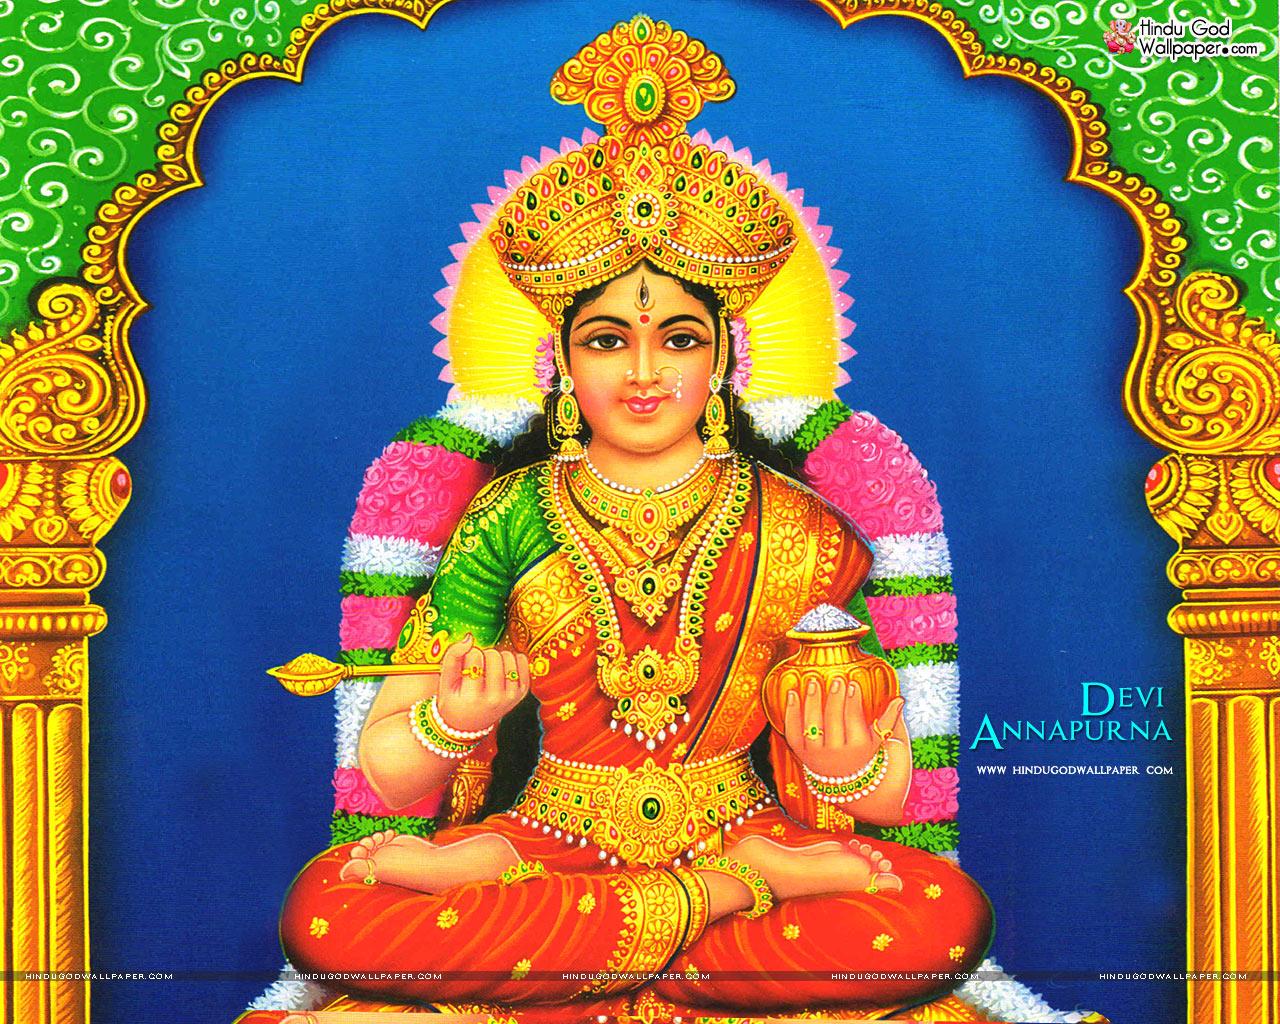 INDIA: Annapūrṇā – The kitchen goddess